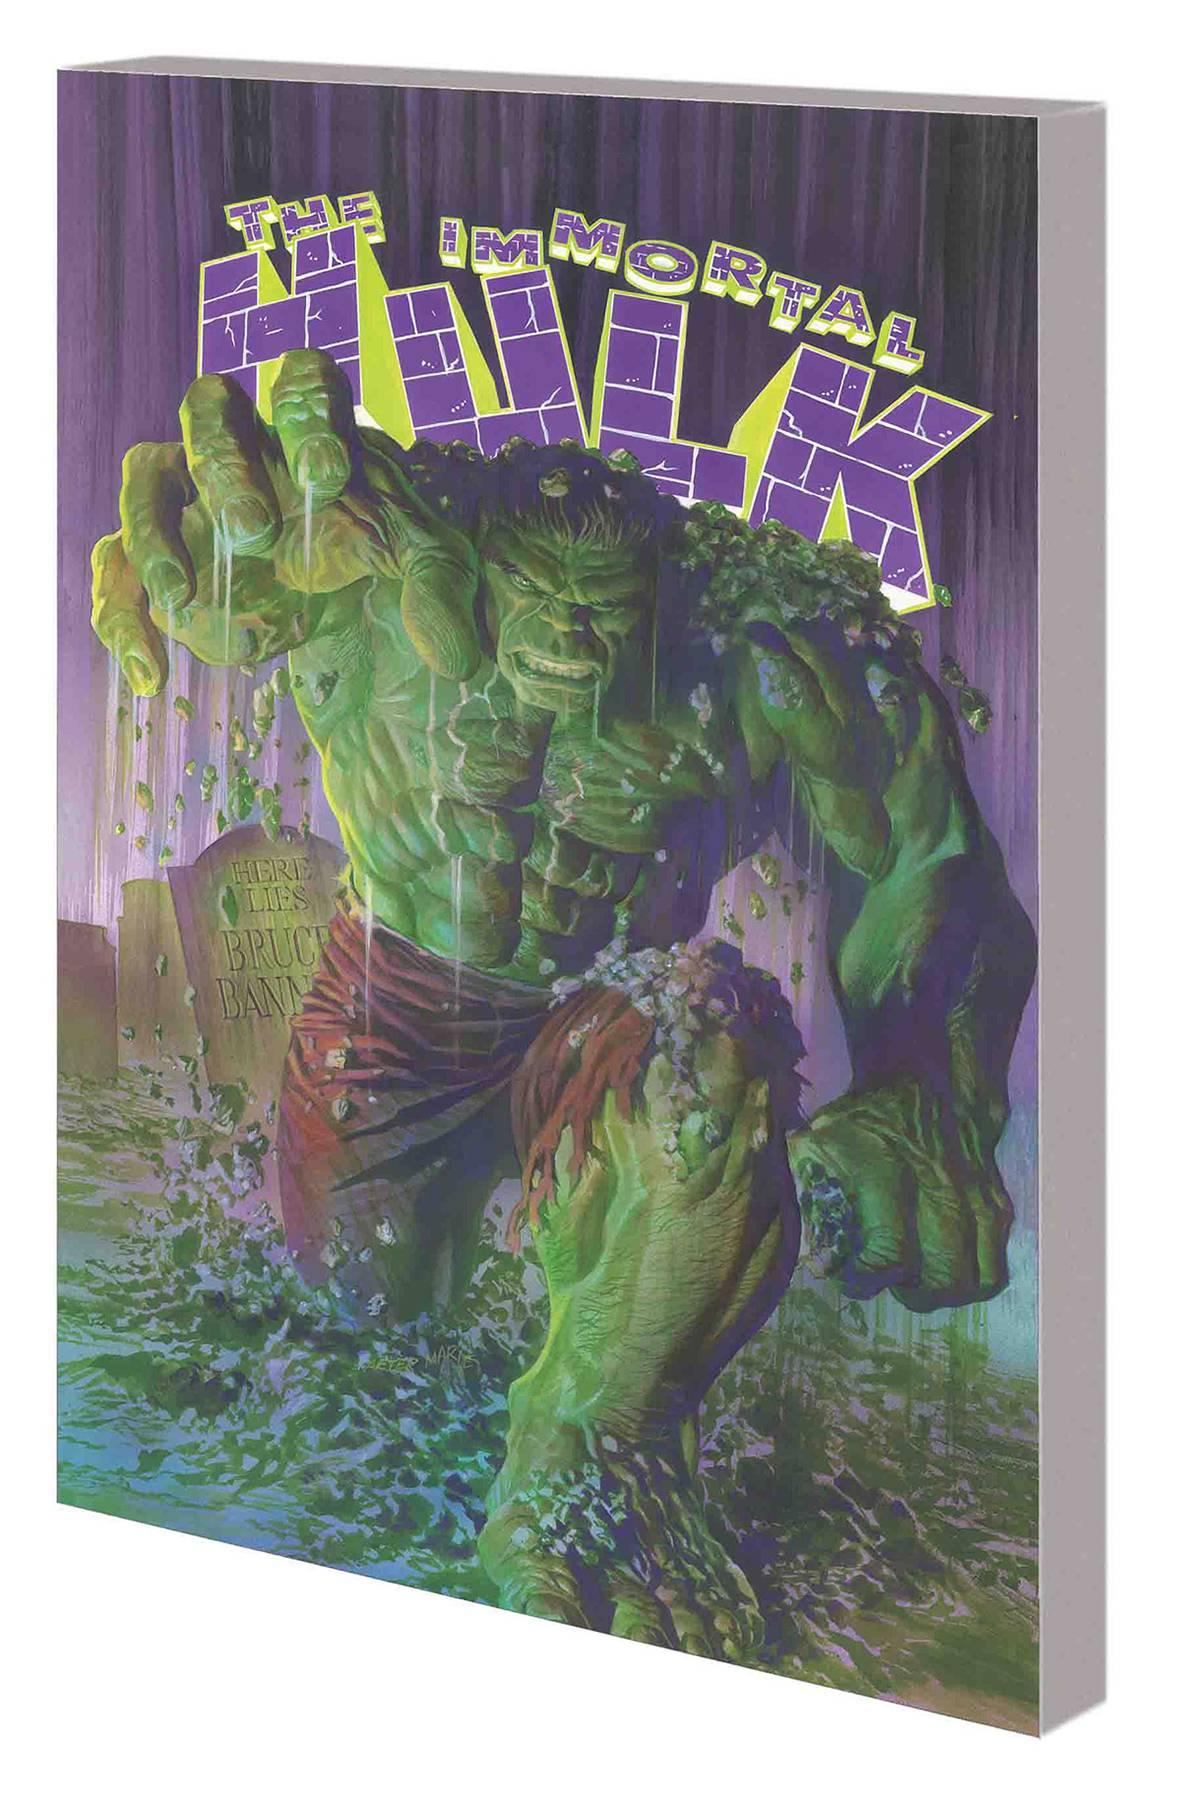 Hulk tp.jpg